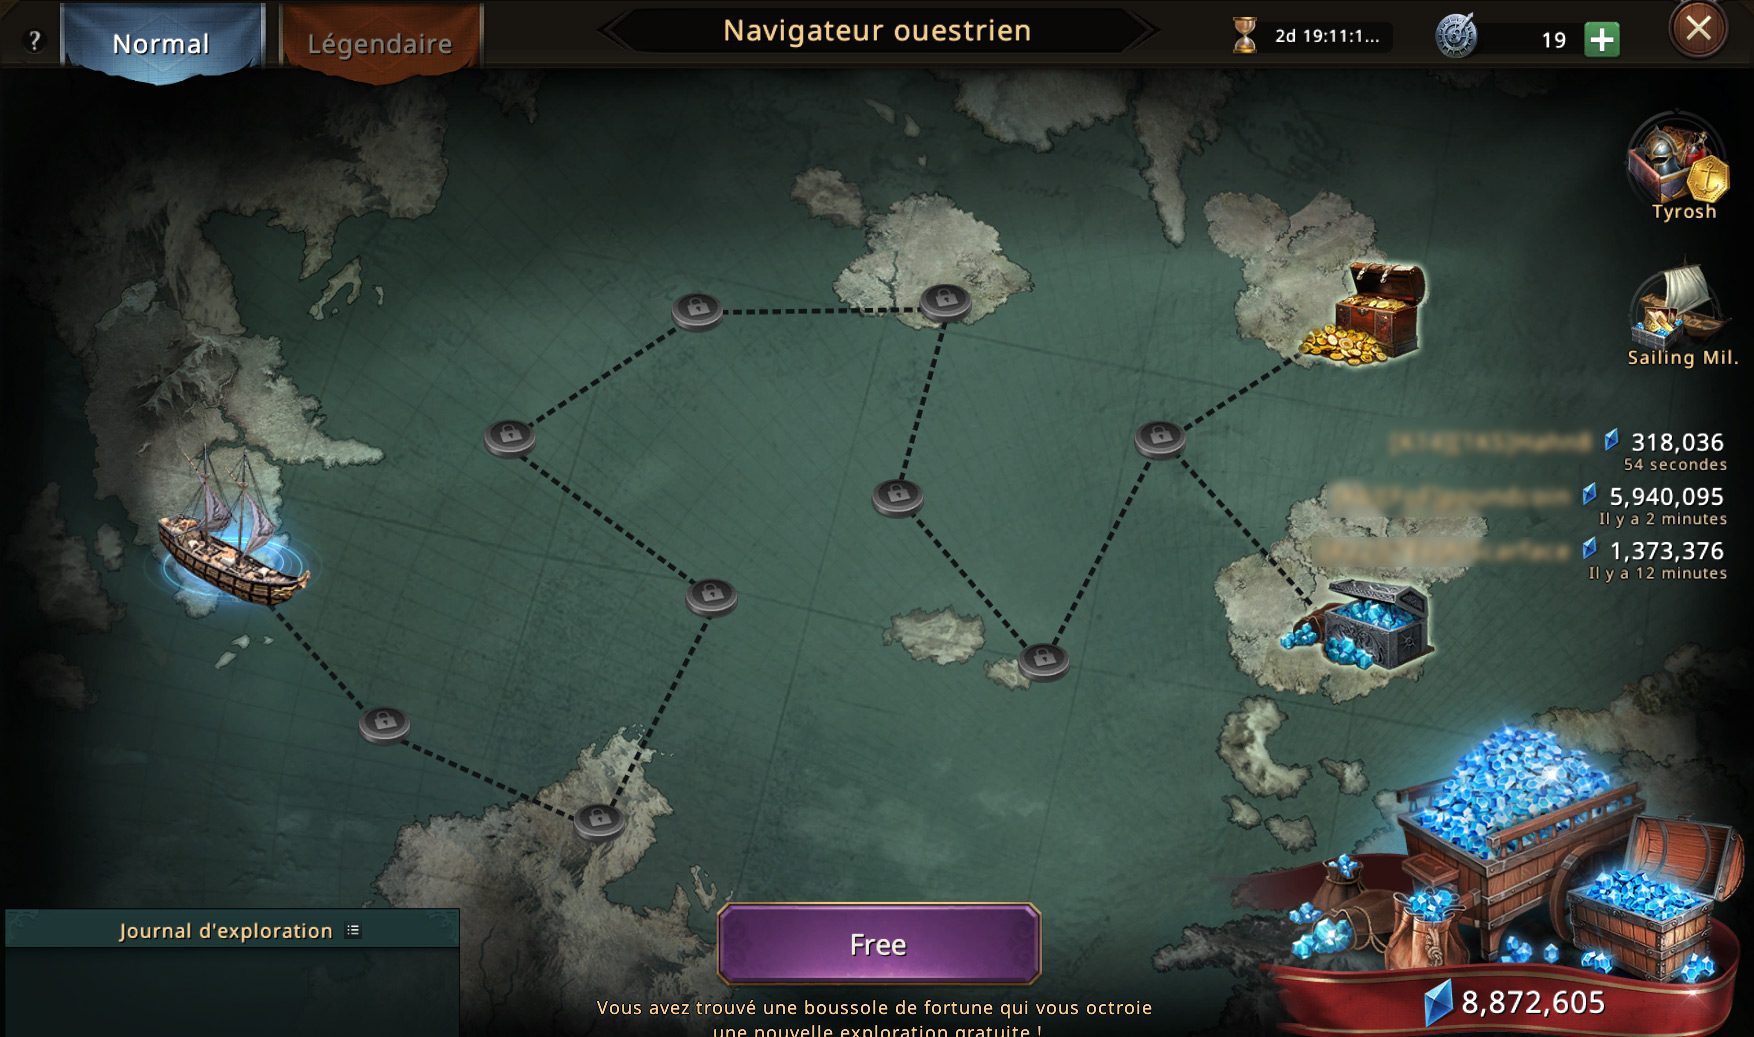 Carte du navigateur ouestrien